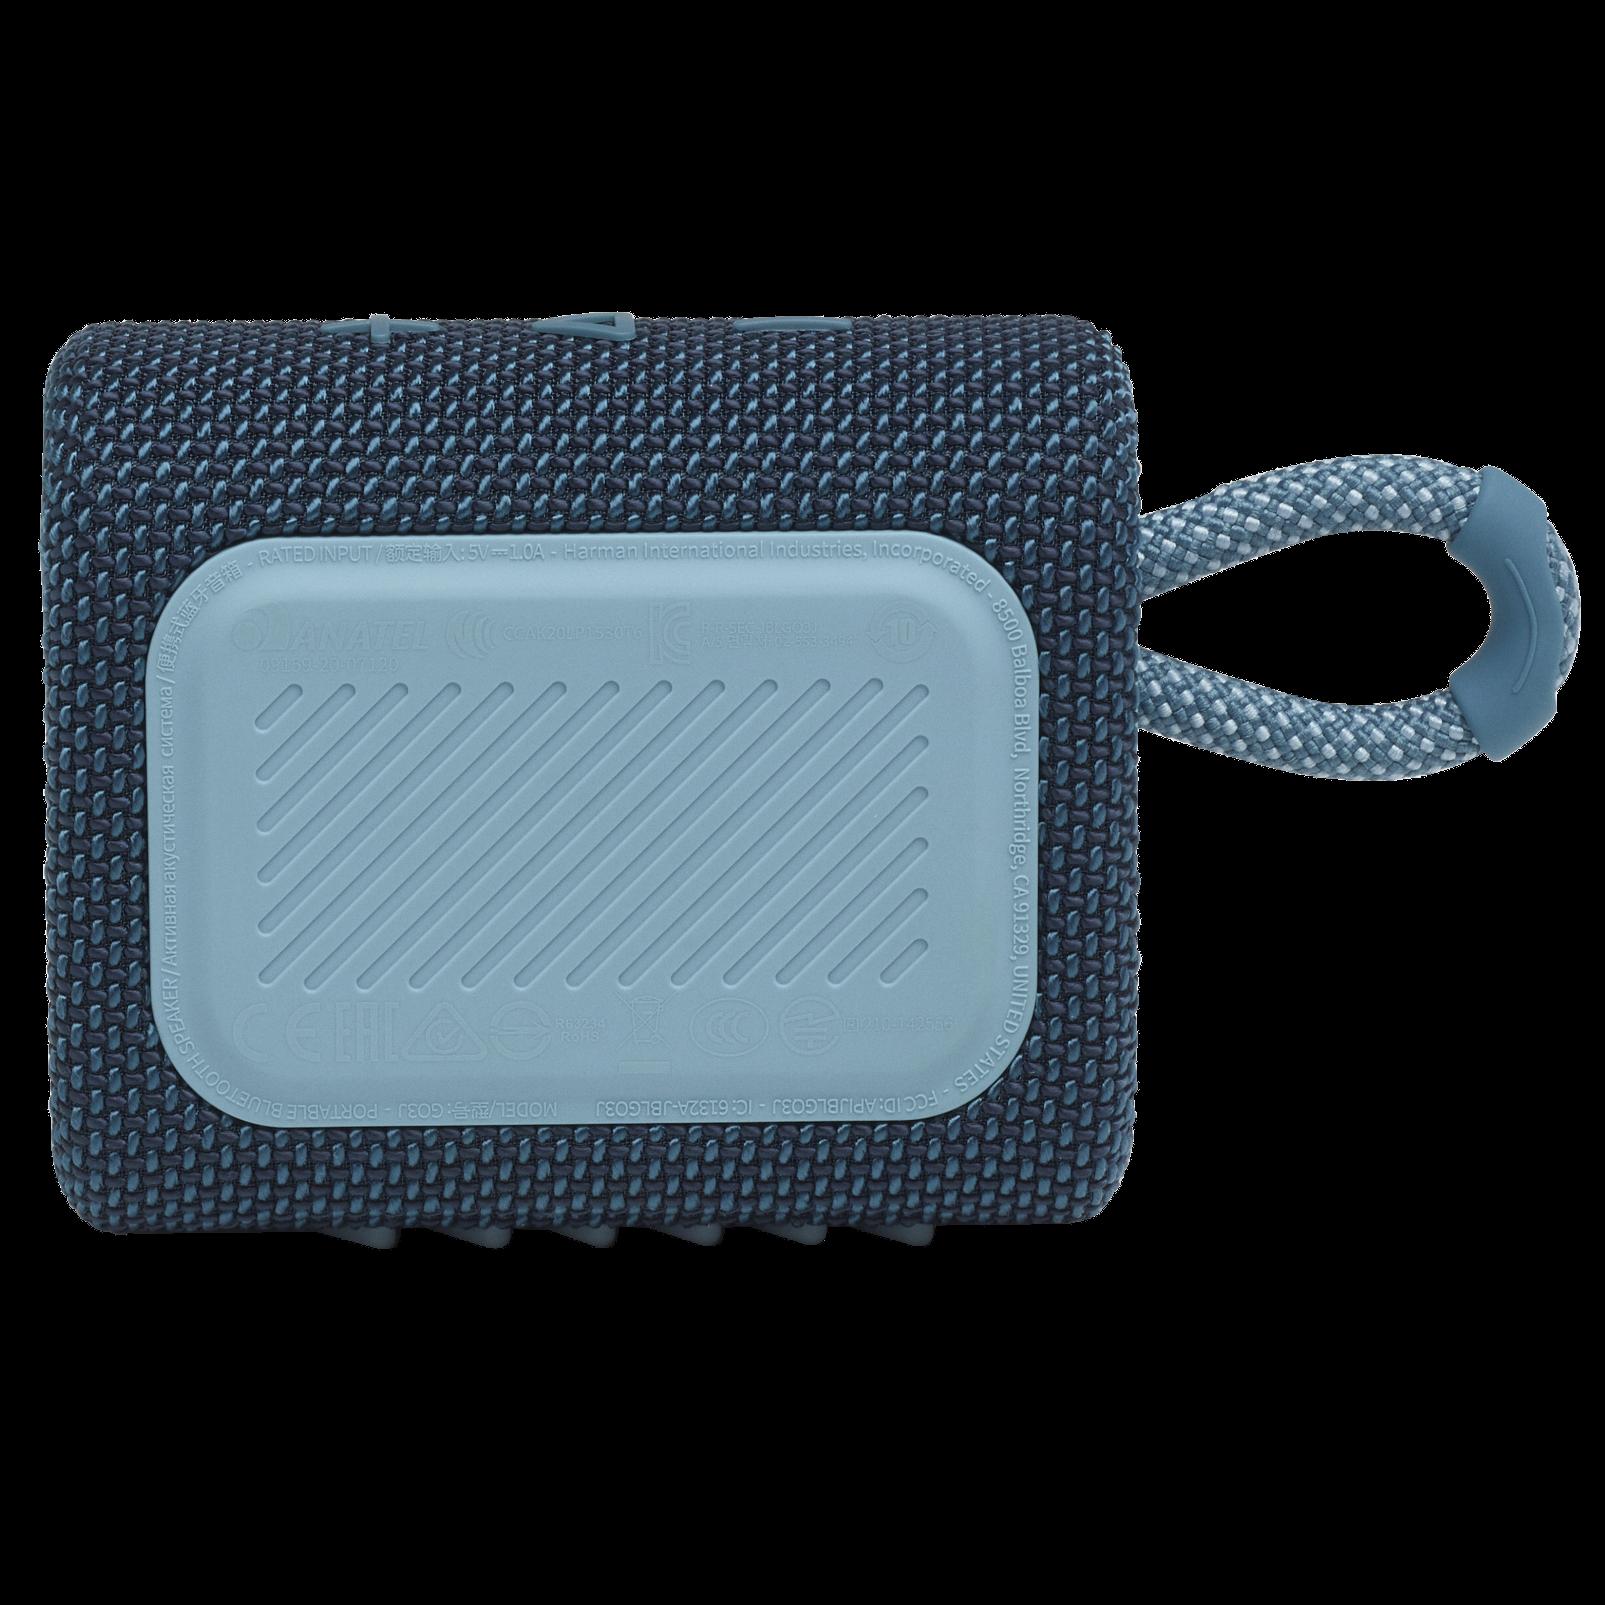 JBL Go 3 - Blue - Portable Waterproof Speaker - Back